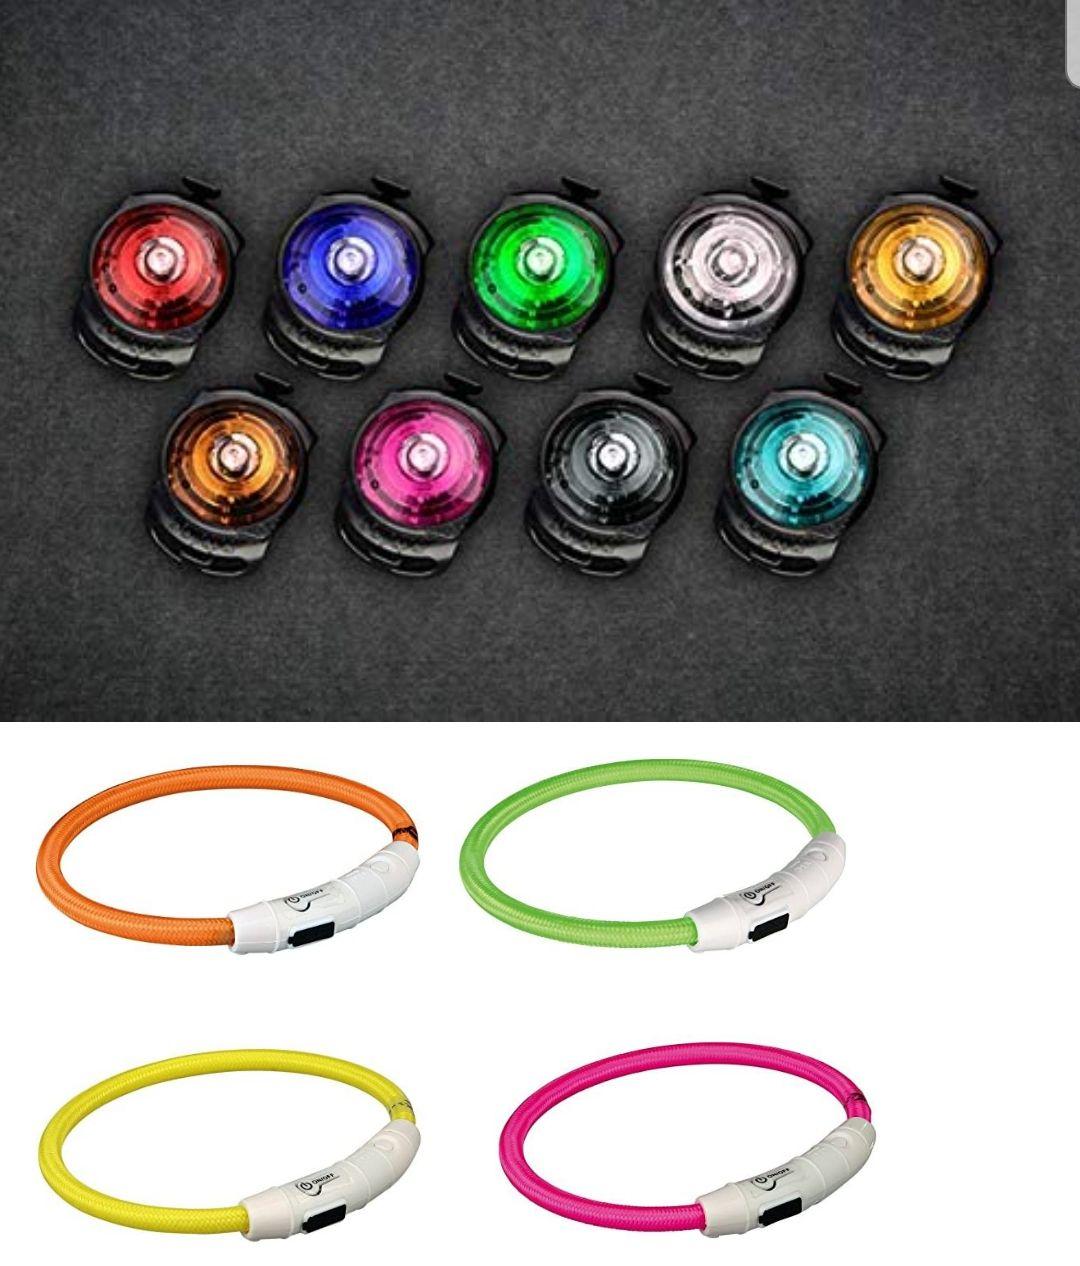 Orbiloc Sicherheitslicht 16,99€,Trixie Flash Leuchtring USB verschiedene Größen 5,99€, beide in verschiedenen Farben, Futterhaus[regional]